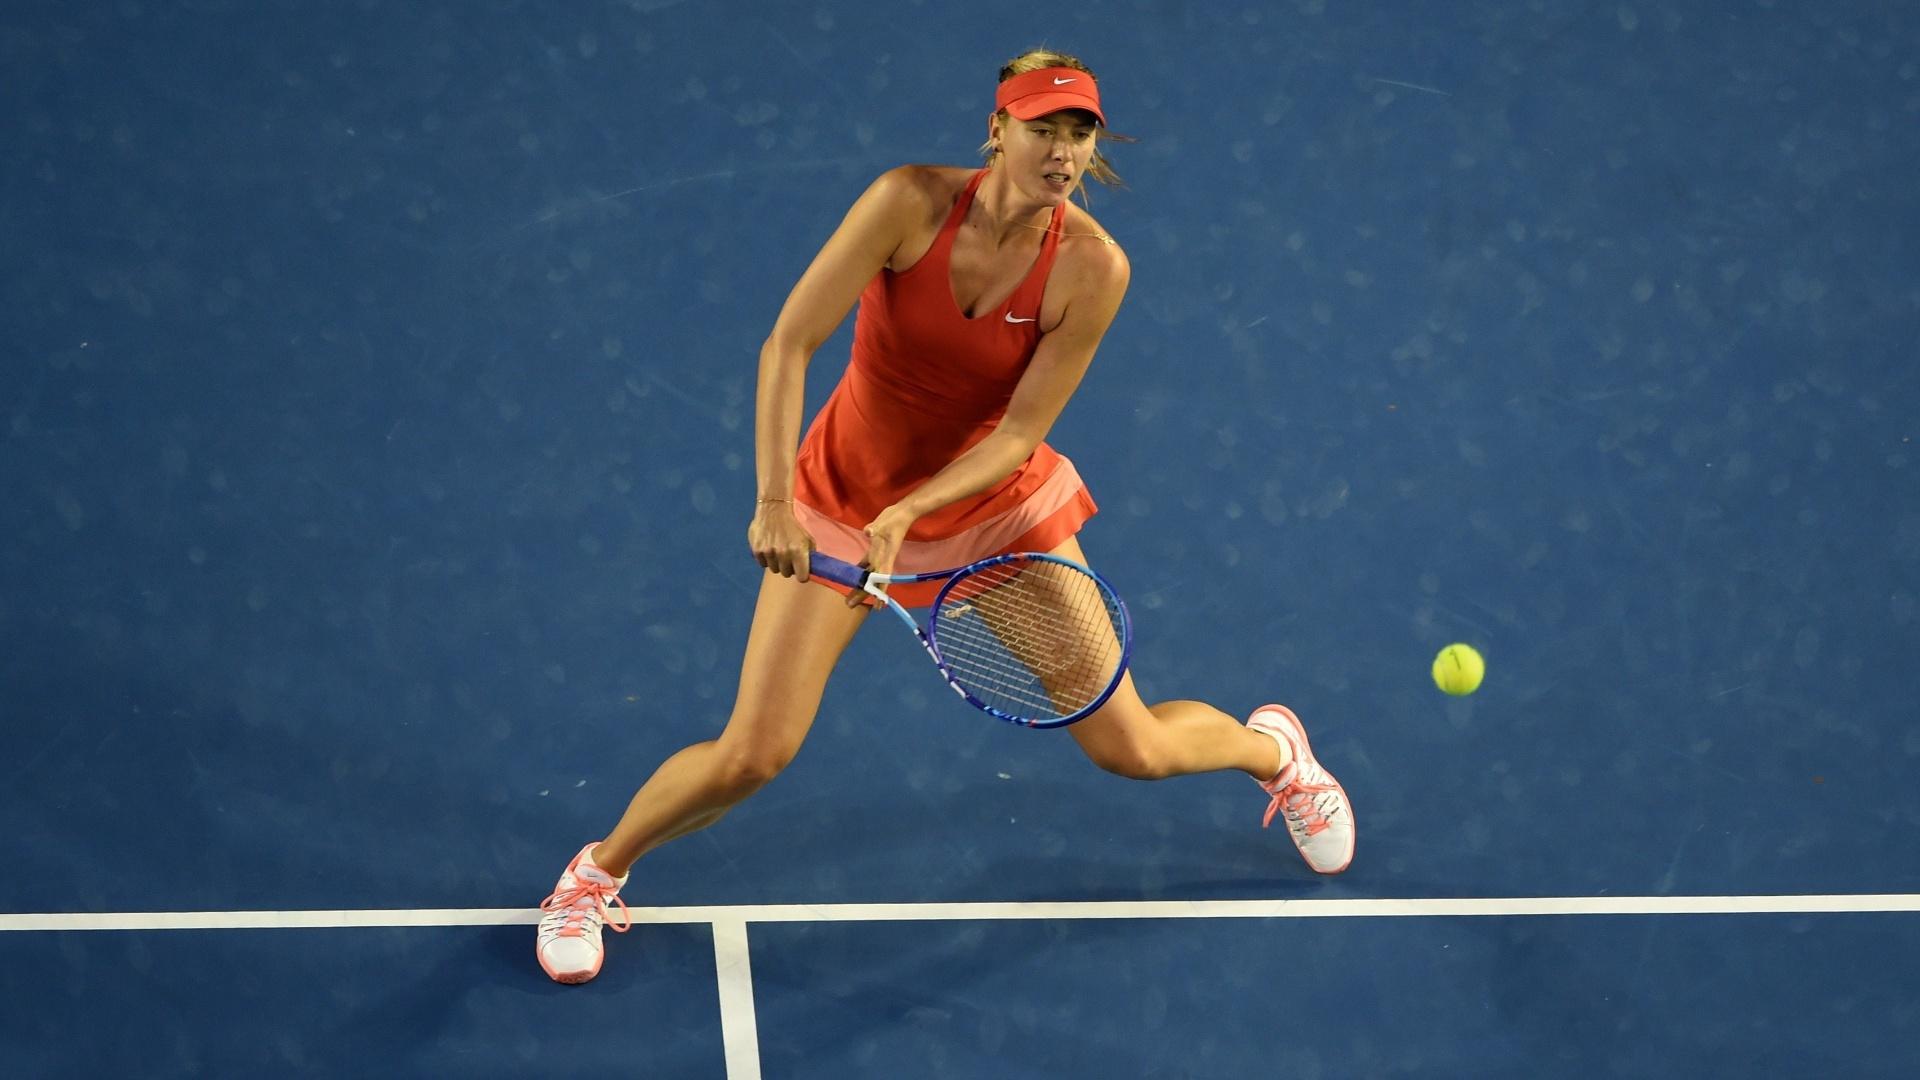 Sharapova perdeu 16 dos 18 confrontos com Serena Williams até este sábado